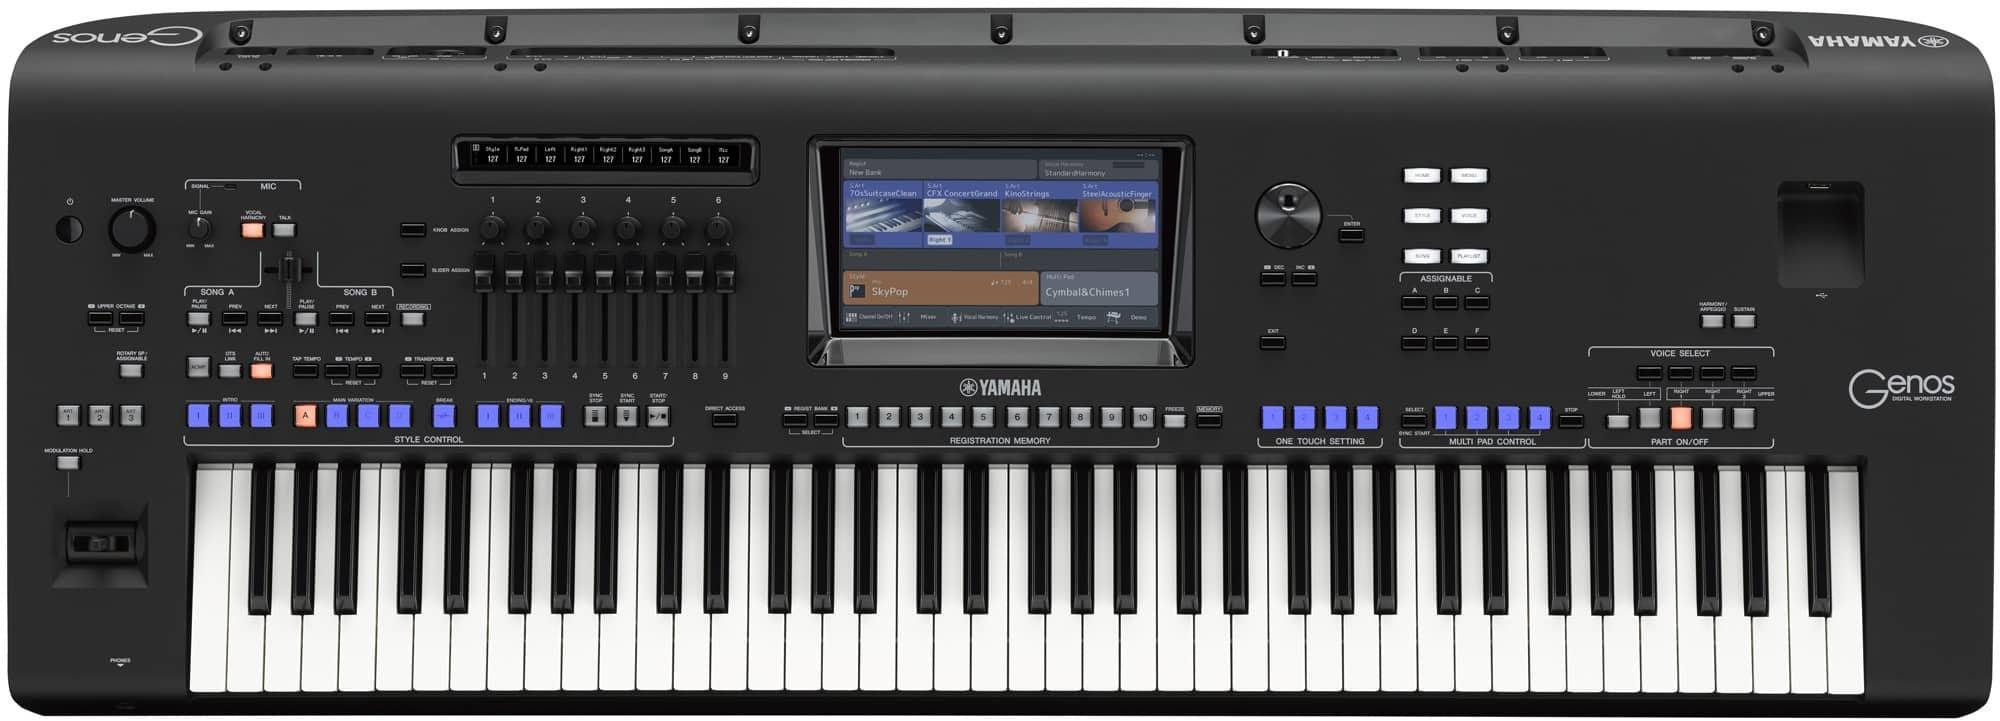 Yamaha Genos Review voorpaneel